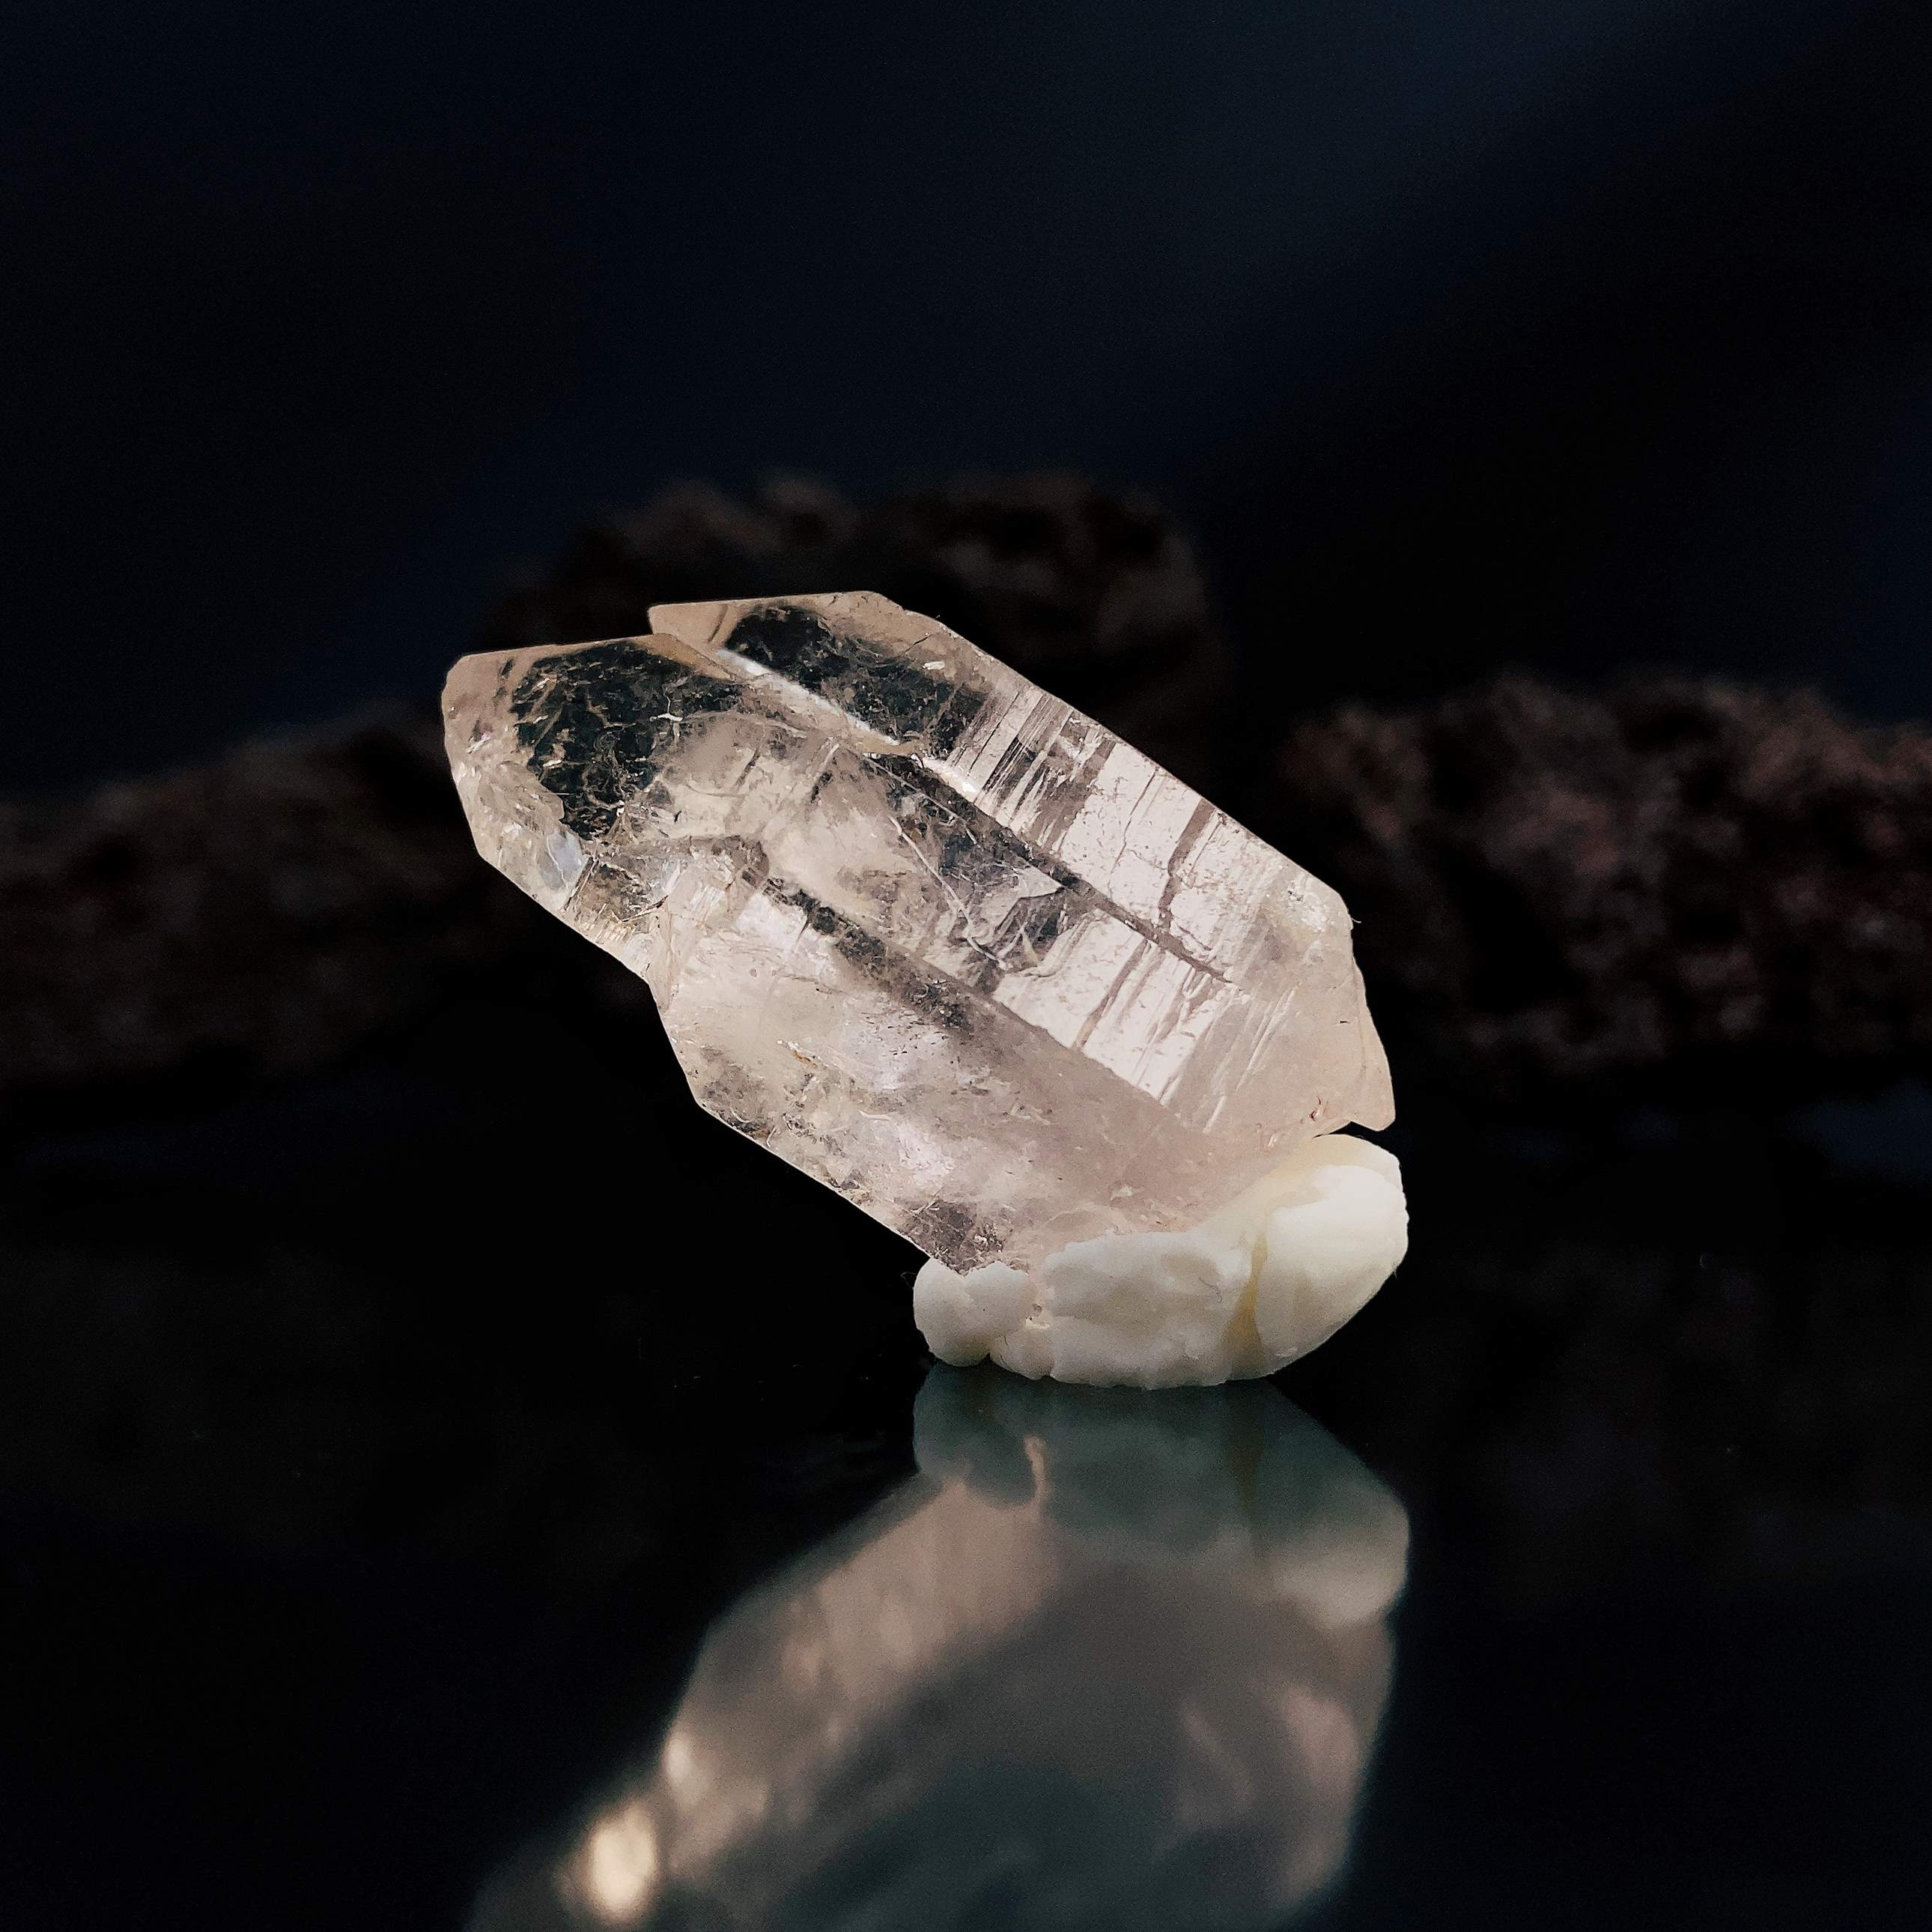 日本検品発送 ヒマラヤ水晶 超透明 ホワイトファントム 原石 ポイント マニハール産水晶